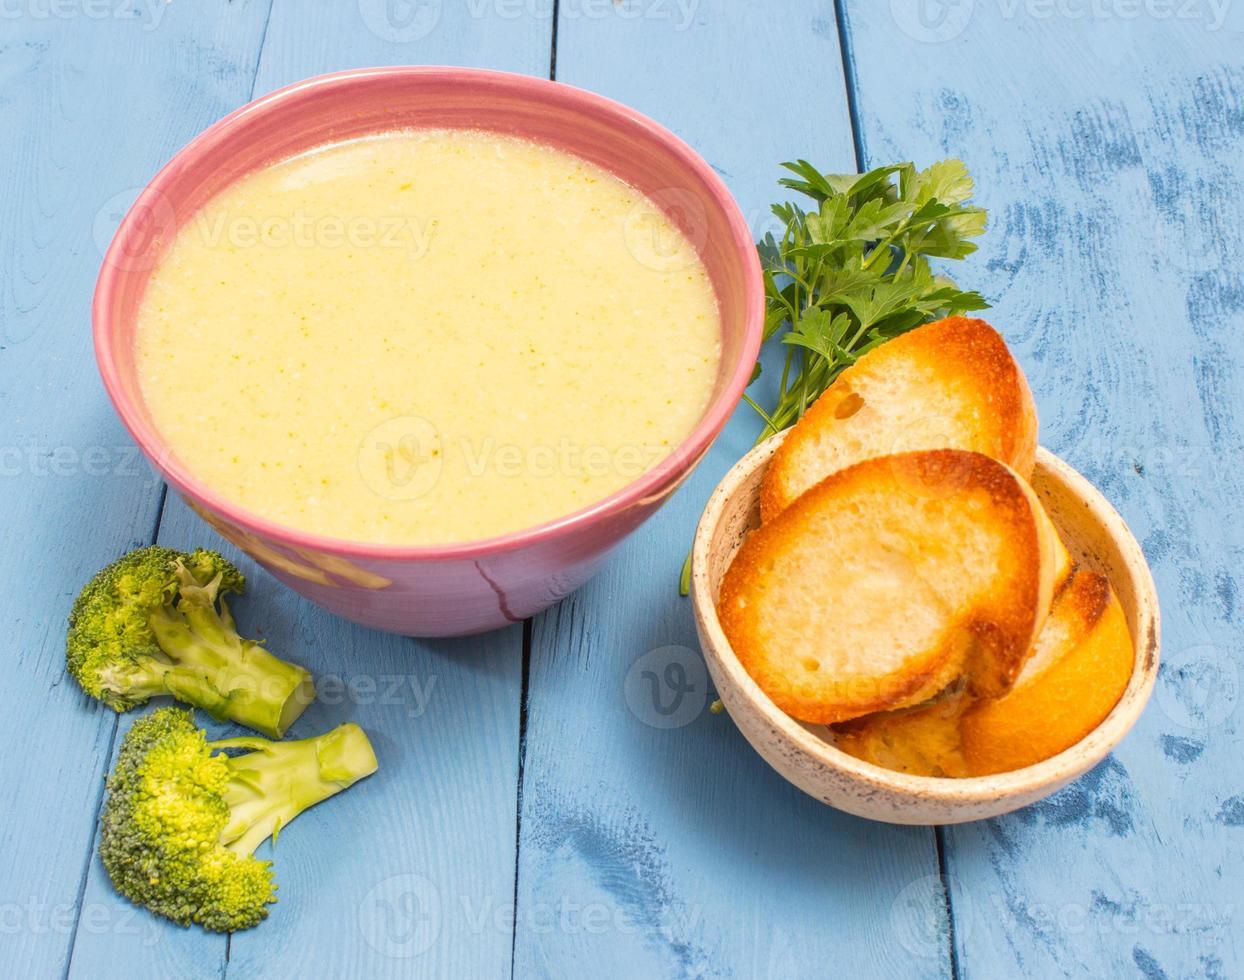 sopa de brócoli en un tablero azul foto